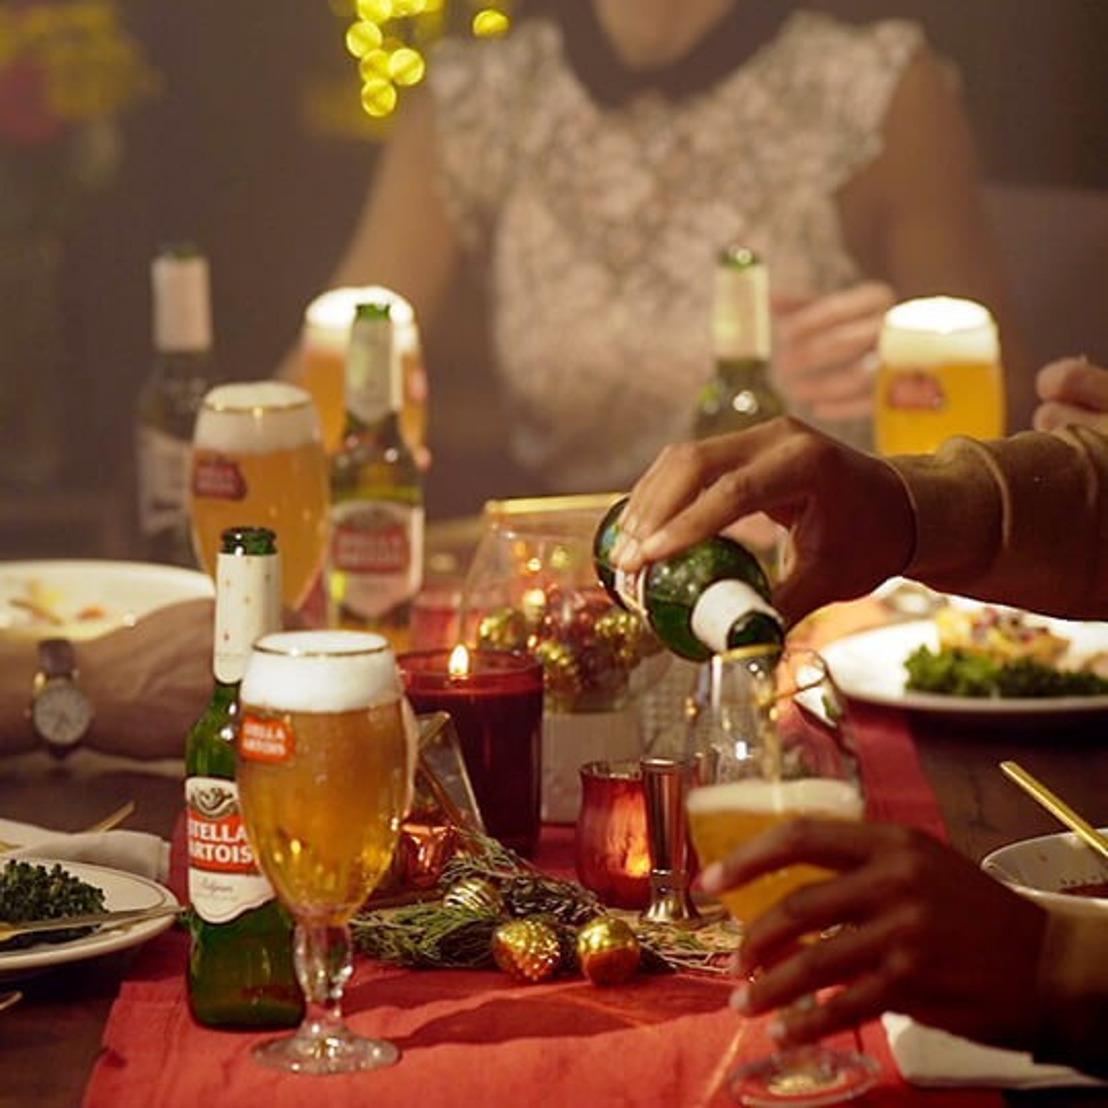 Stella Artois brouwerij nodigt buren uit voor een kerstdiner